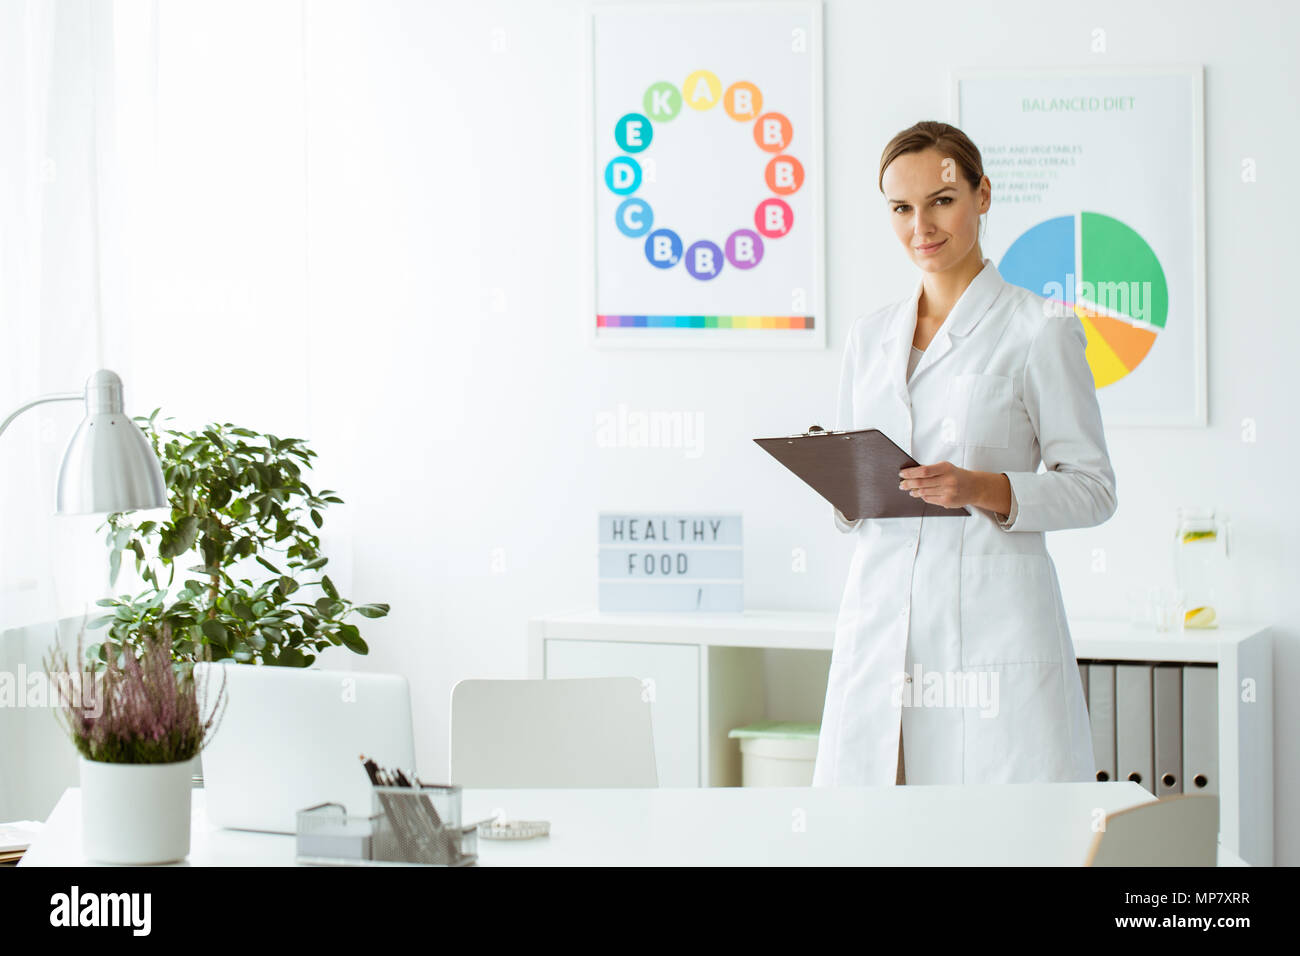 Nutricionista profesional en blanco uniforme en la oficina con la planta y coloridos carteles Imagen De Stock